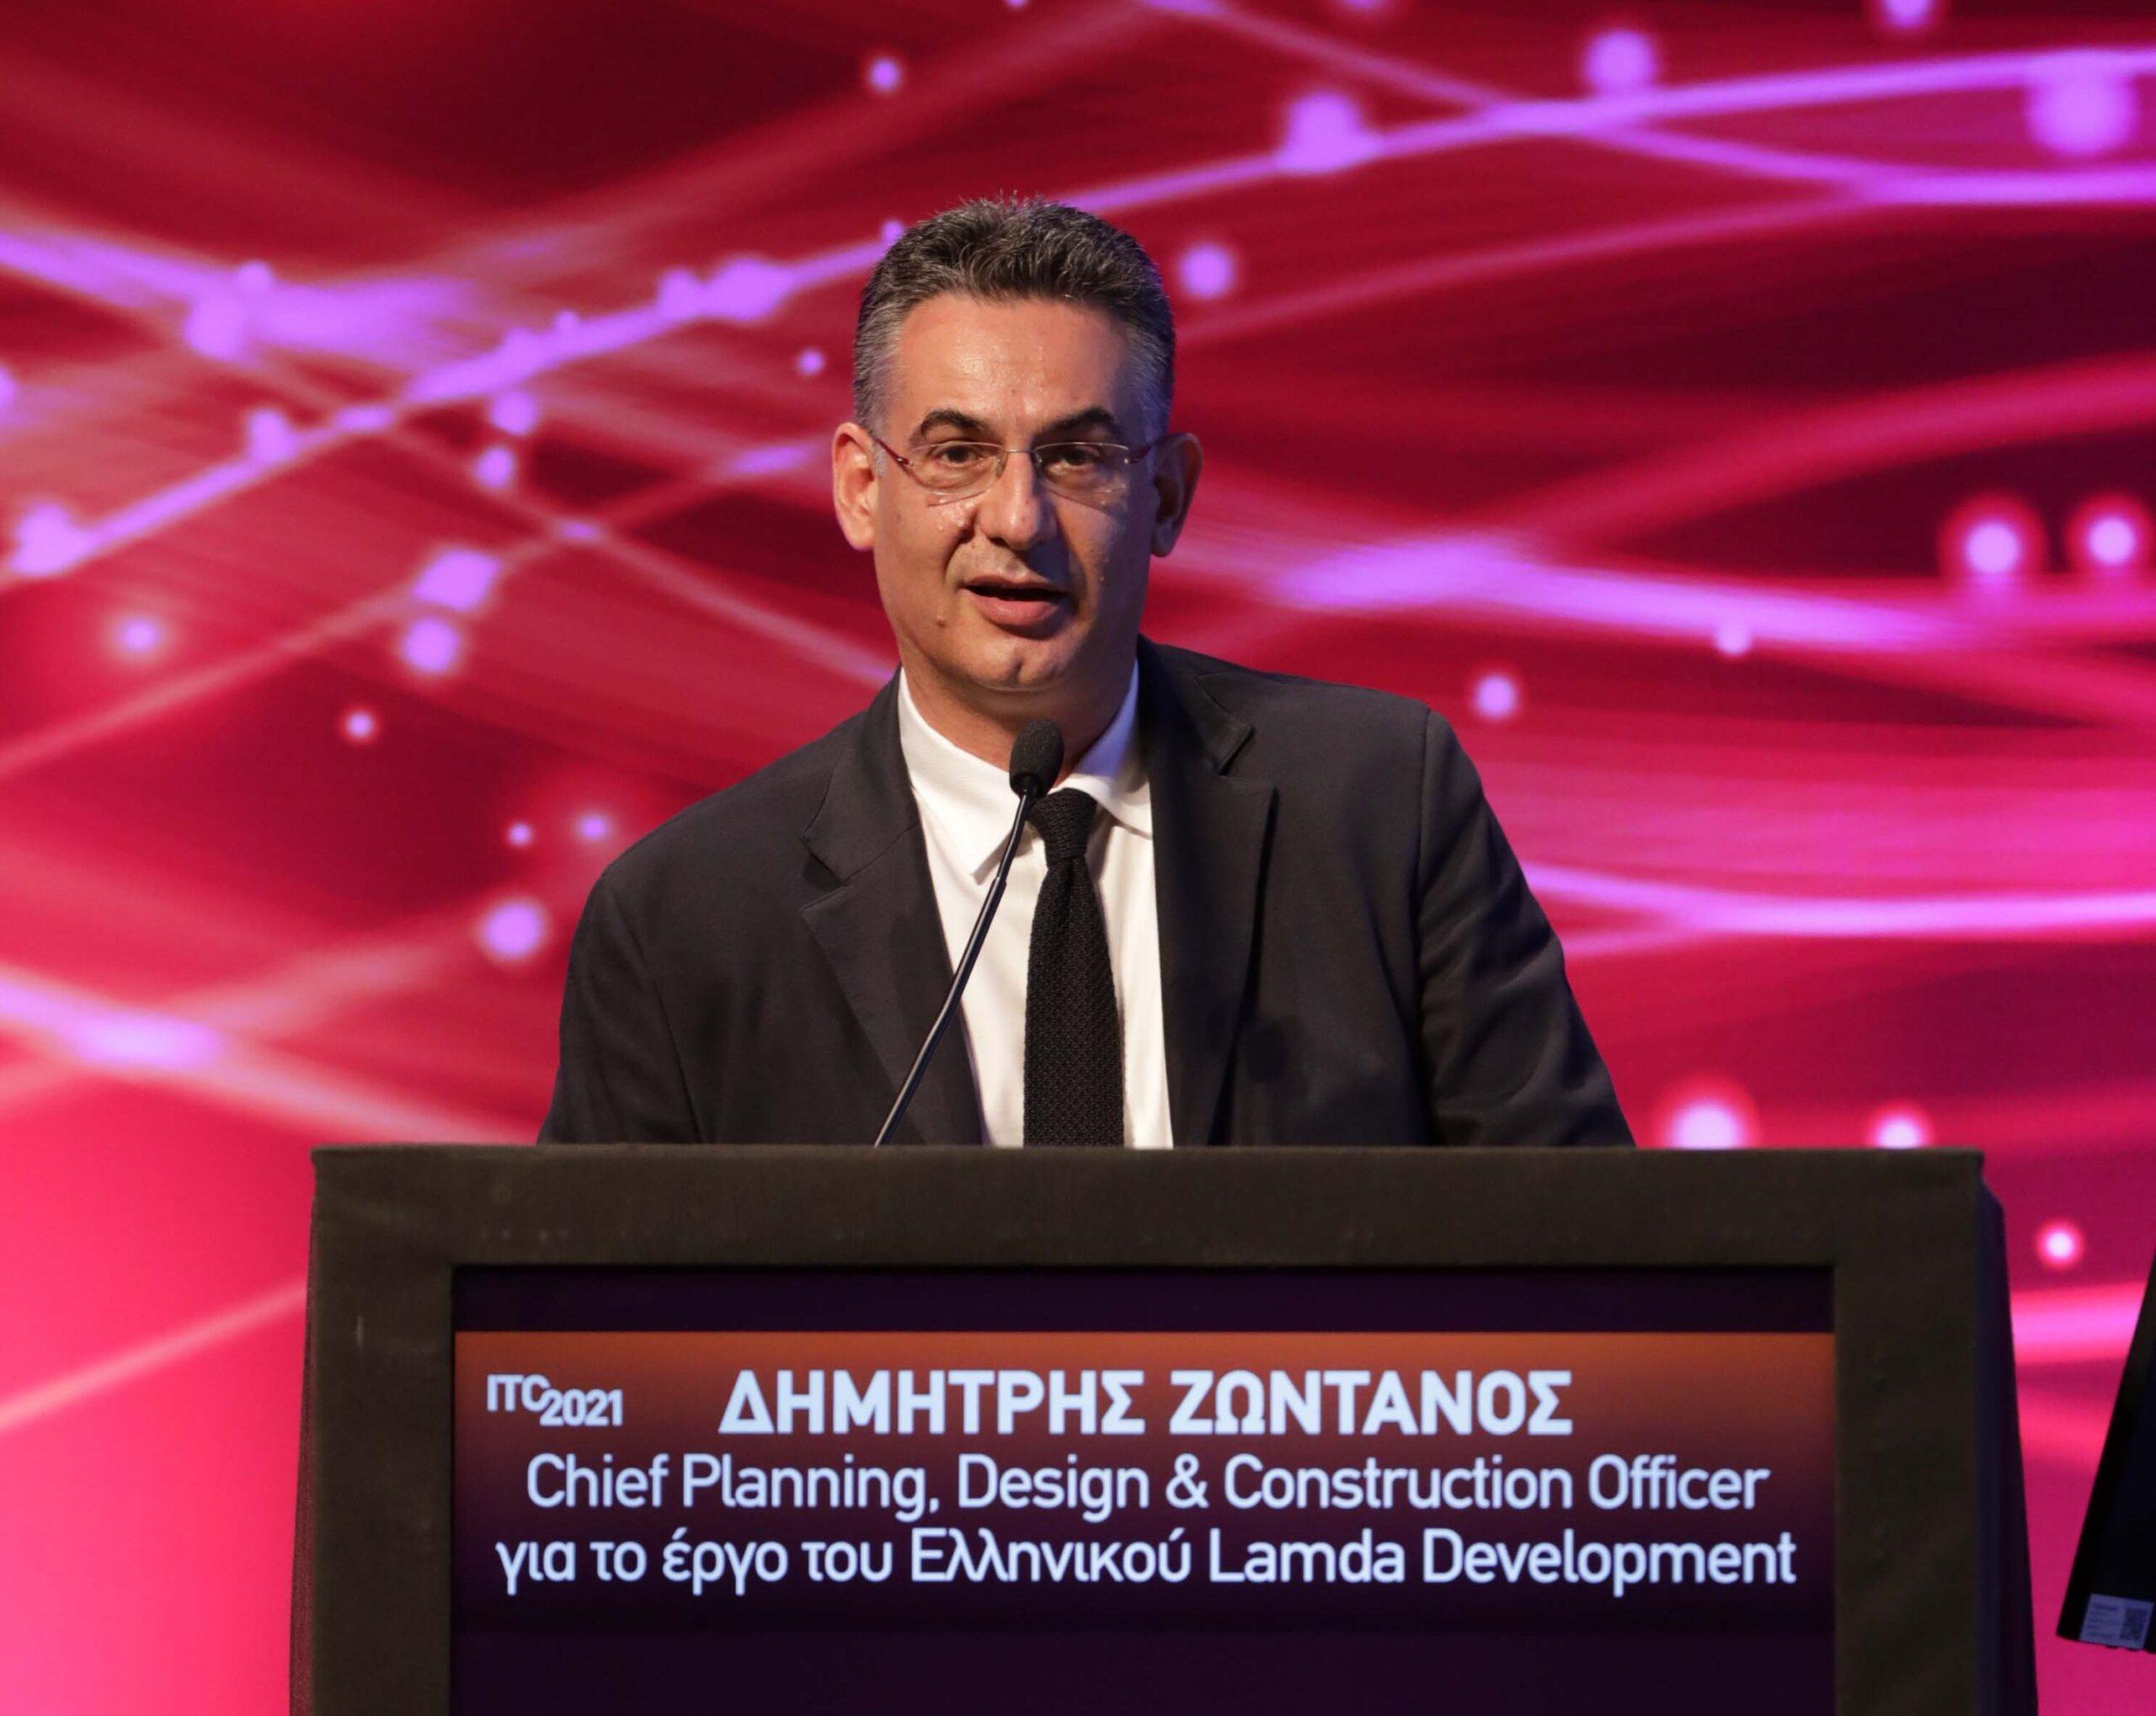 Ο Chief Planning, Design & Construction Officer για το Ελληνικό, στη Lamda Development, στο 4ο Συνέδριο Υποδομών και Μεταφορών ITC 2021Ο Chief Planning, Design & Construction Officer για το Ελληνικό, στη Lamda Development, στο 4ο Συνέδριο Υποδομών και Μεταφορών ITC 2021